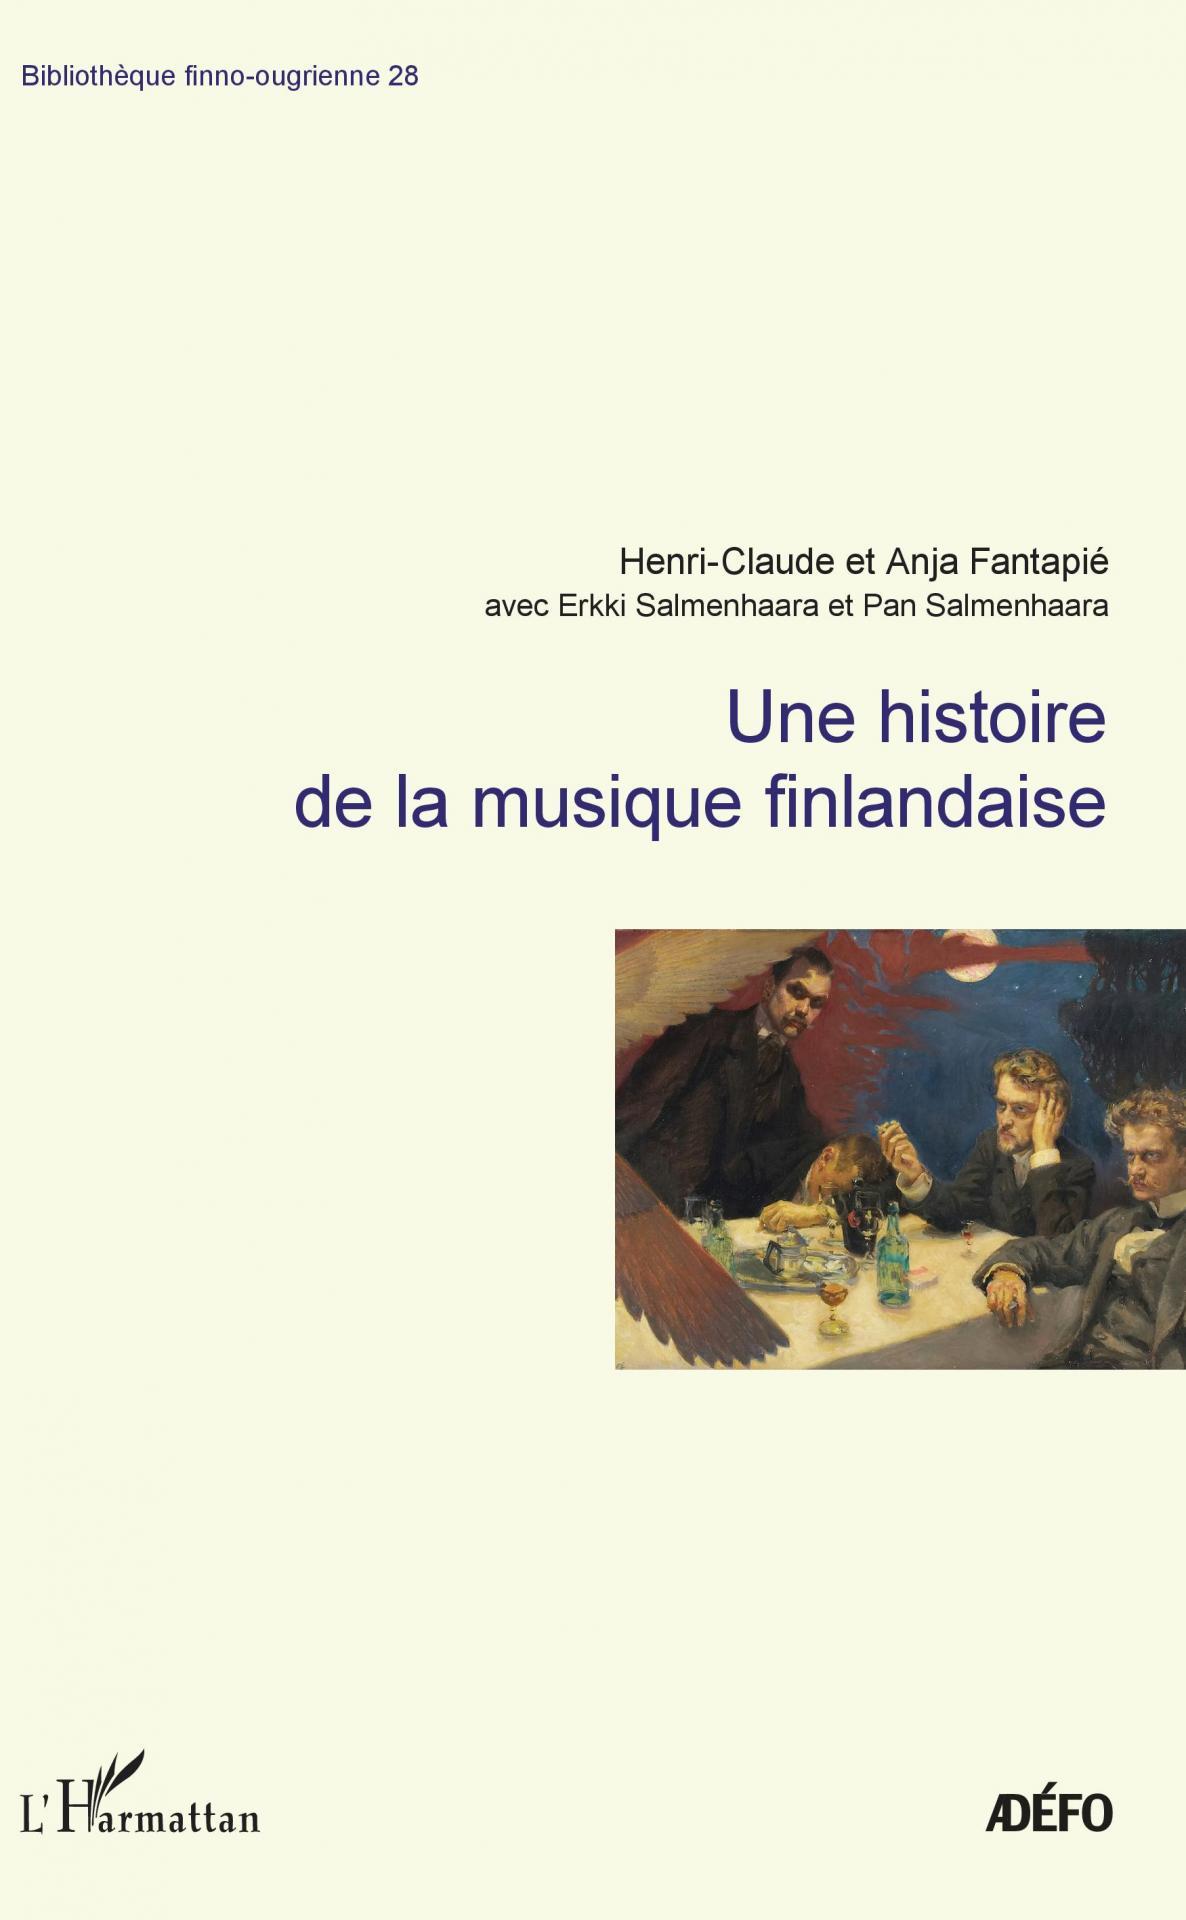 Une Histoire de la musique finlandaise - Henri-Claude et Anja Fantapié